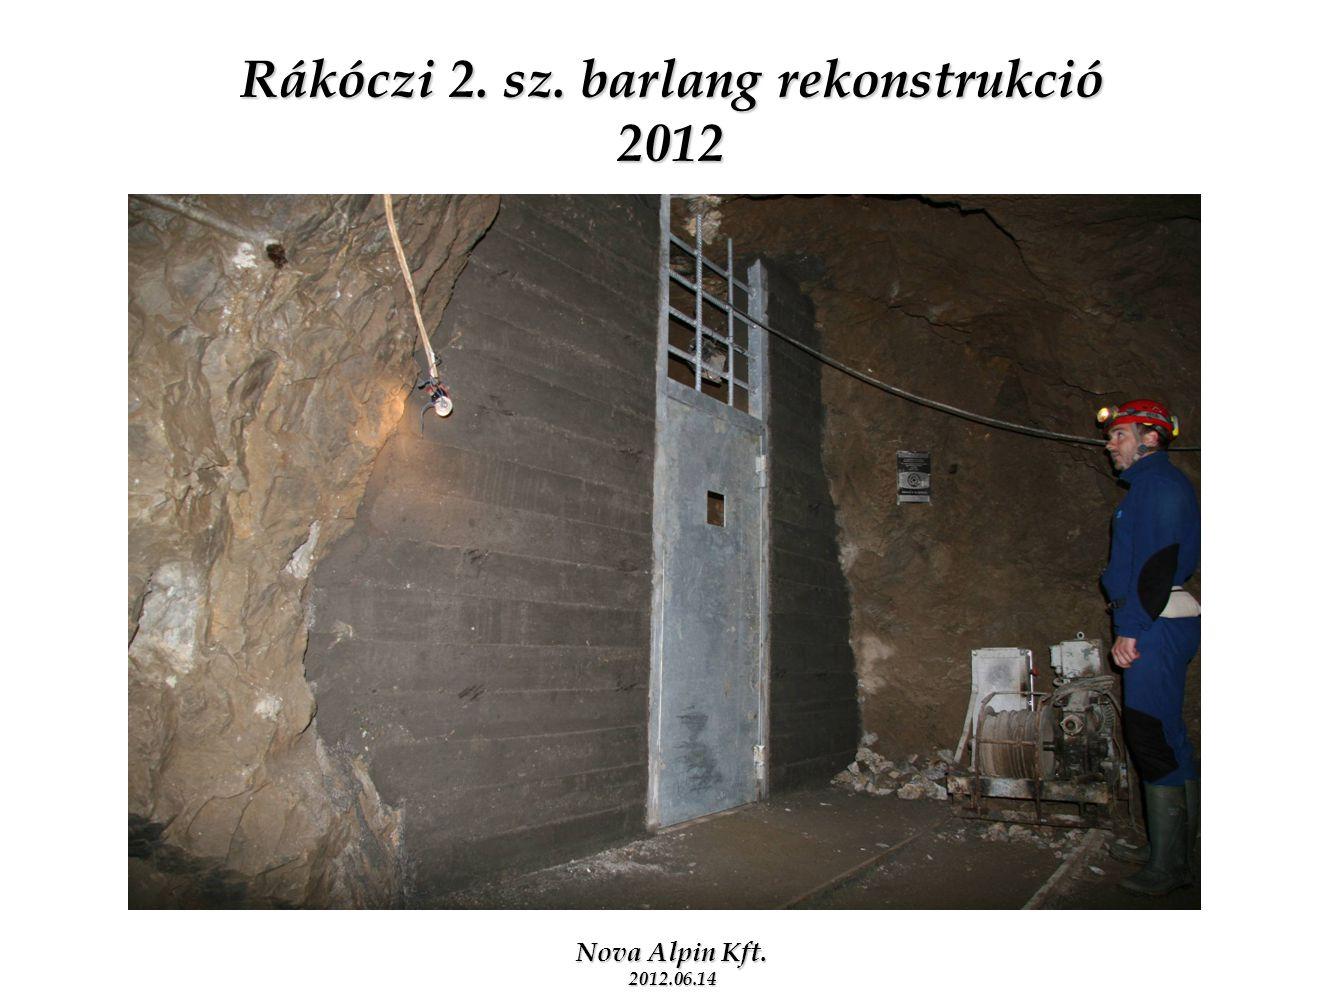 2011.10.13 Nova Alpin Kft. 2012.06.14 Rákóczi 2. sz. barlang rekonstrukció 2012